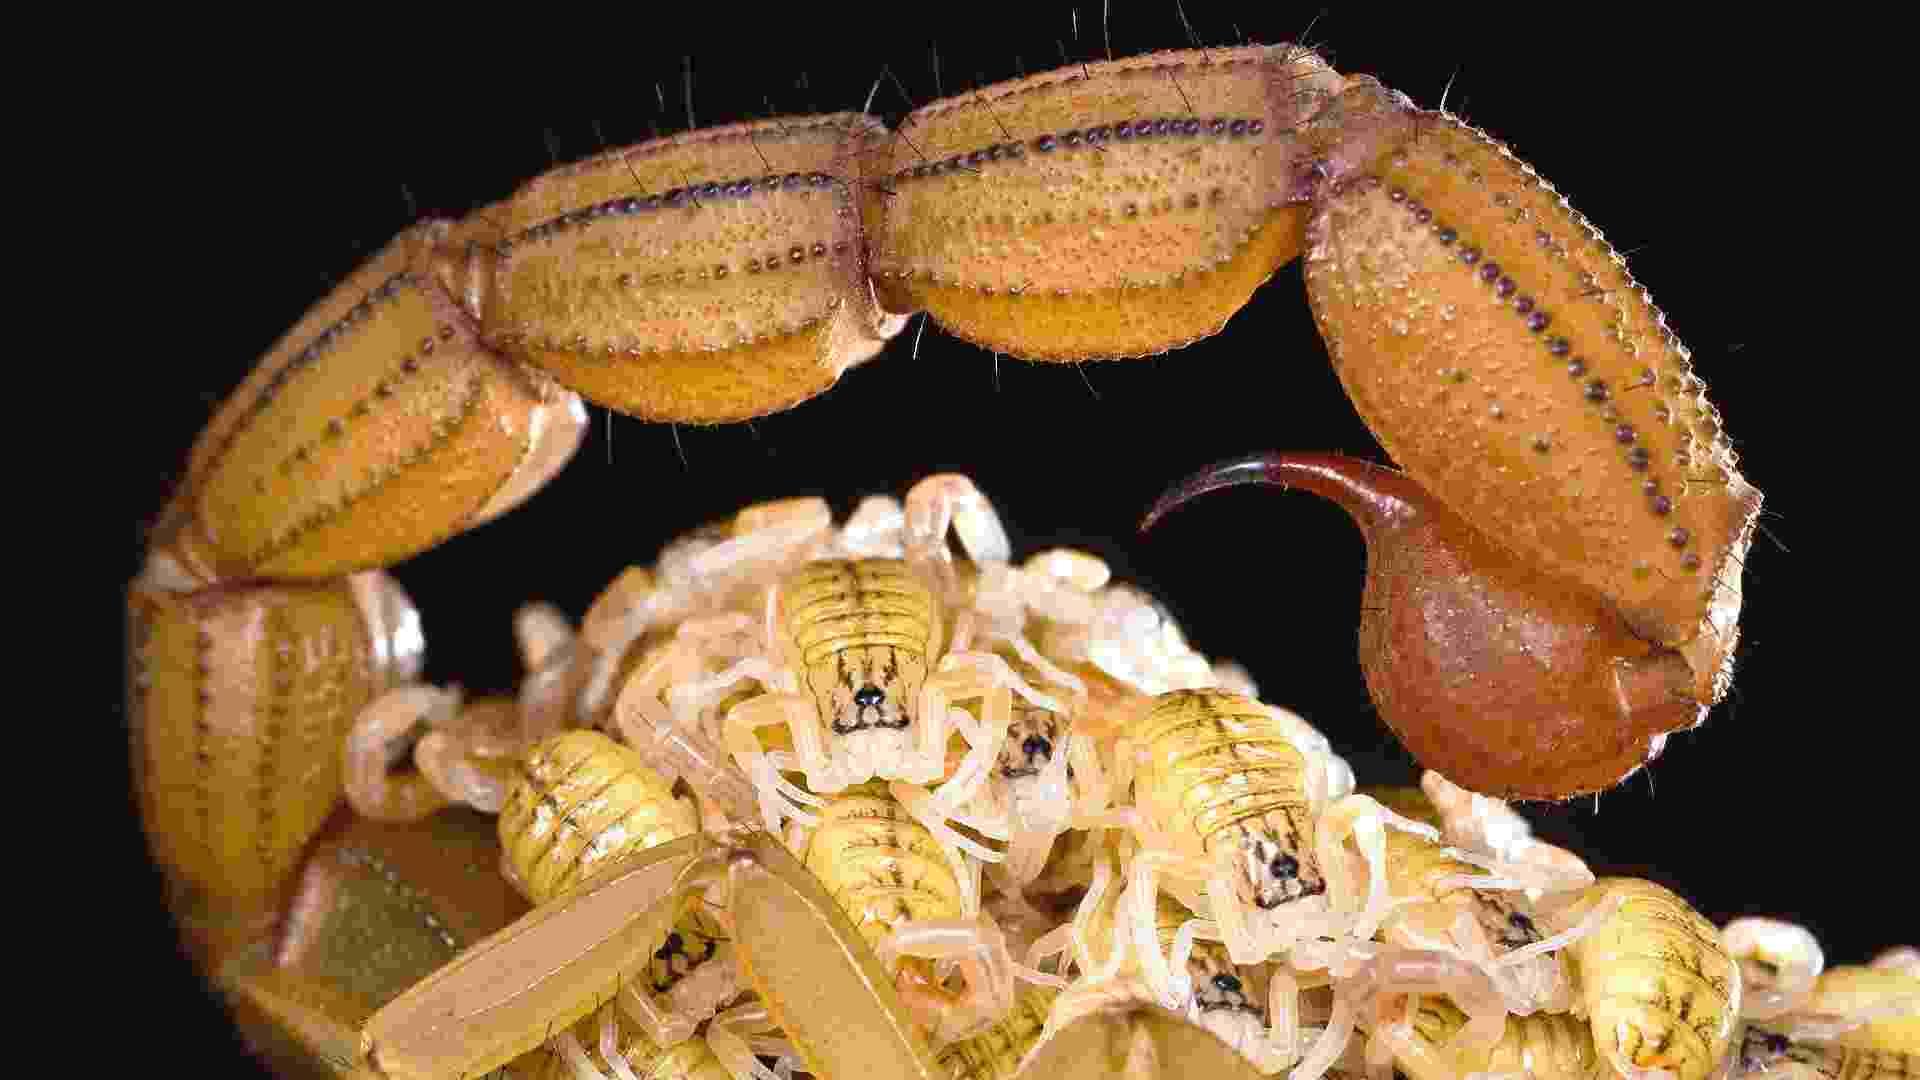 """3.out.2012 - Para proteger escorpiões recém-nascidos de predadores, suas mães costumam abrigá-los próximos ao """"ferrão"""". Esta imagem, intiulada """"Nova Vida"""", venceu o prêmio-máximo do Prêmio Fritz Pölking  - Ingo Arndt/BBC"""